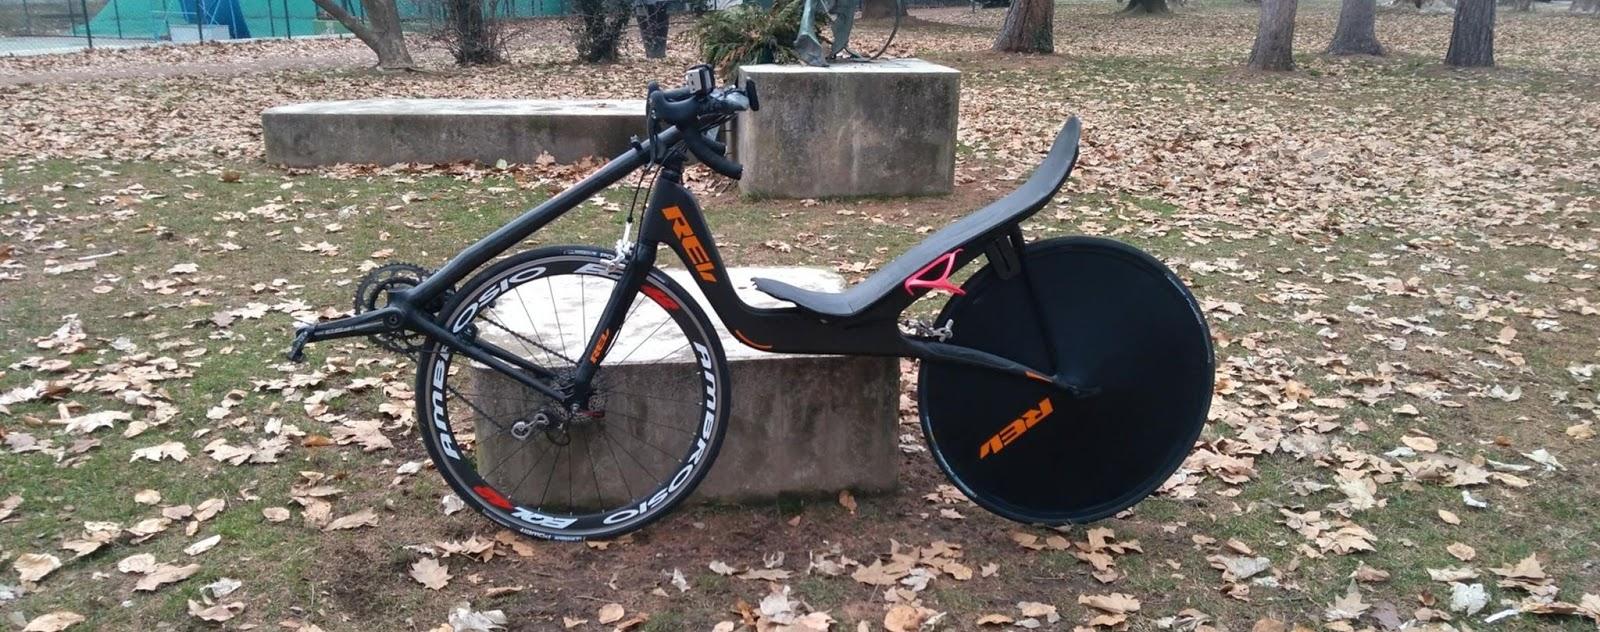 Biciclette Reclinate Per Tutti Guida Video Per La Realizzazione Di